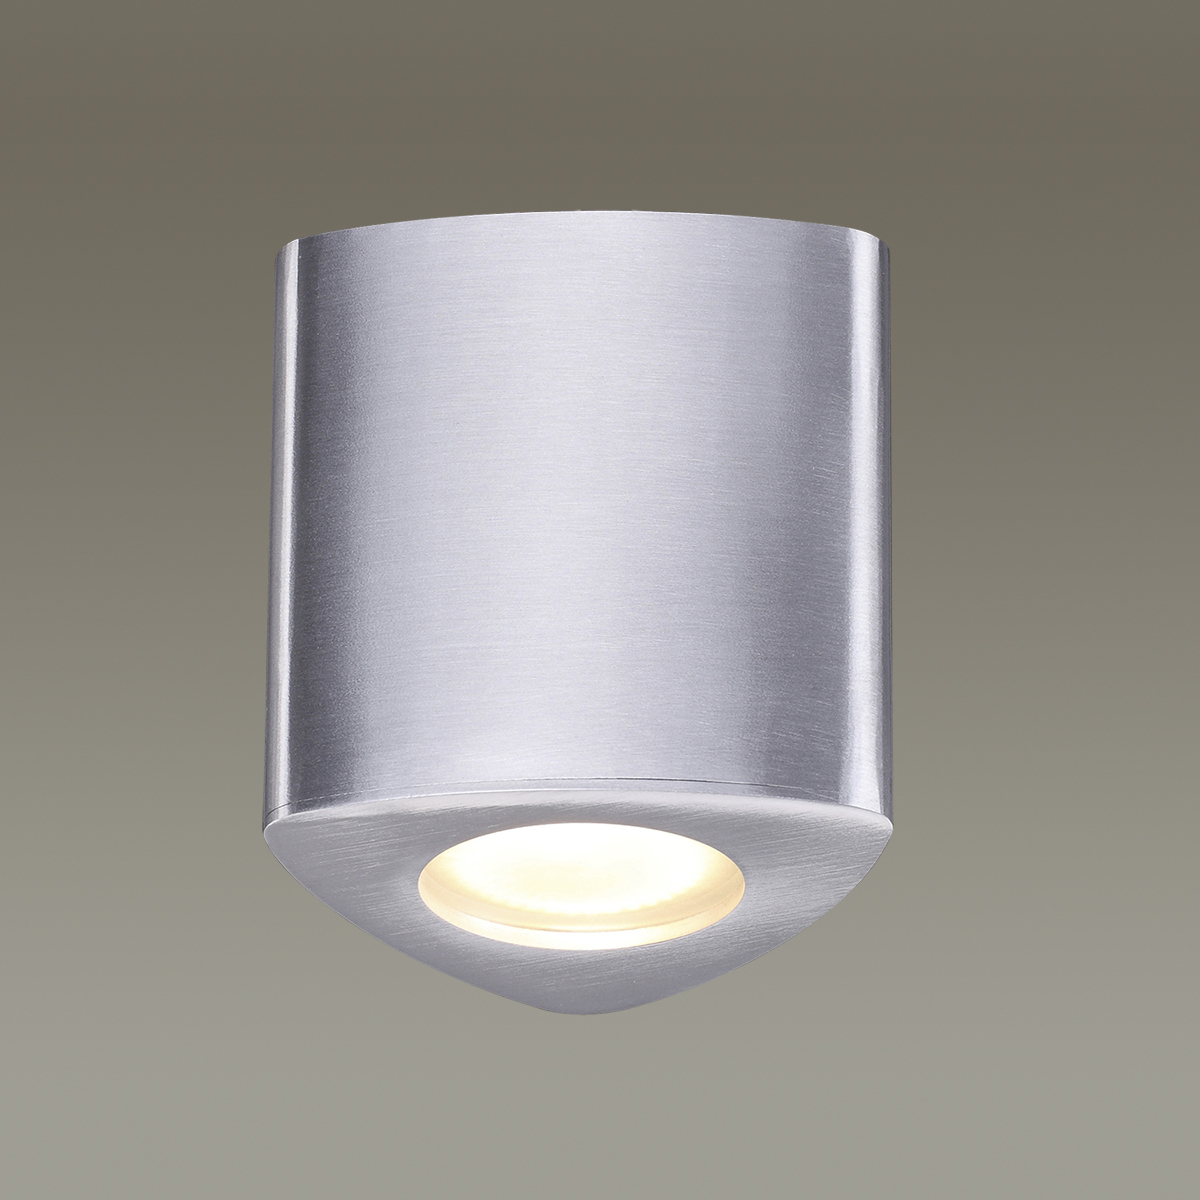 Потолочный светильник Odeon Light Aquana 3573/1C, IP44, 1xGU10x50W, алюминий, металл, стекло - фото 1